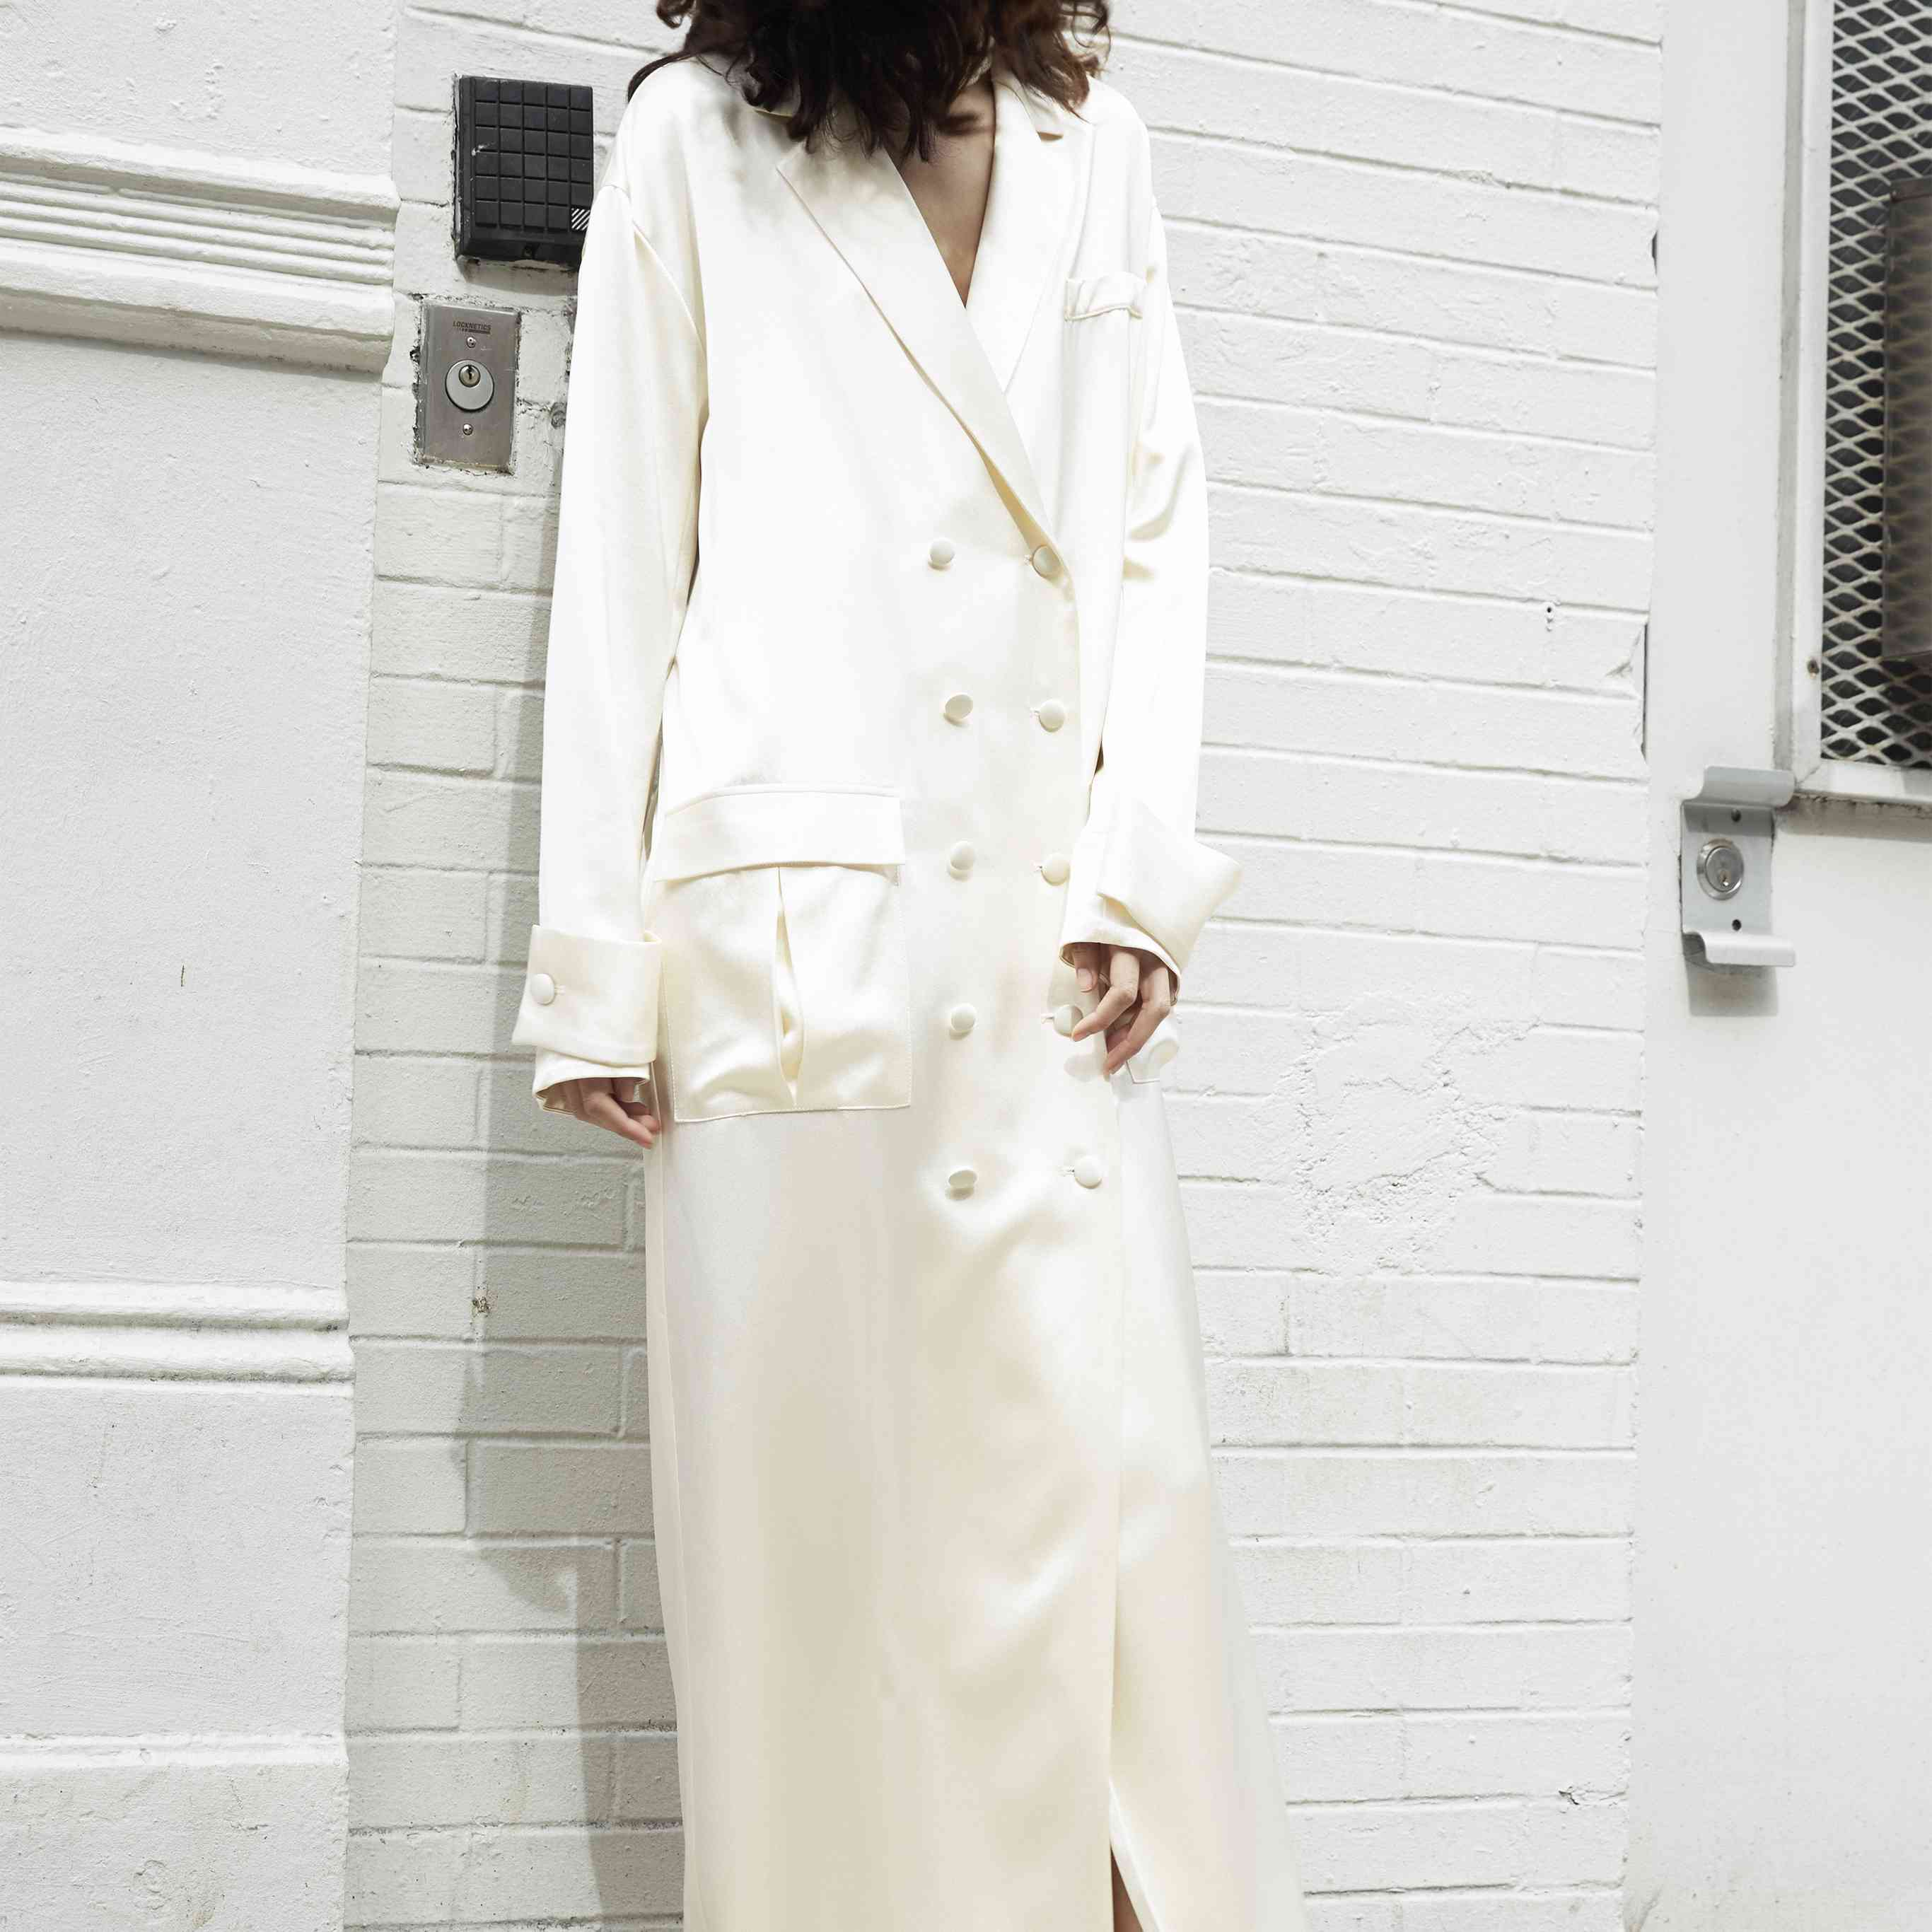 Model in long sleeve wedding blazer dress